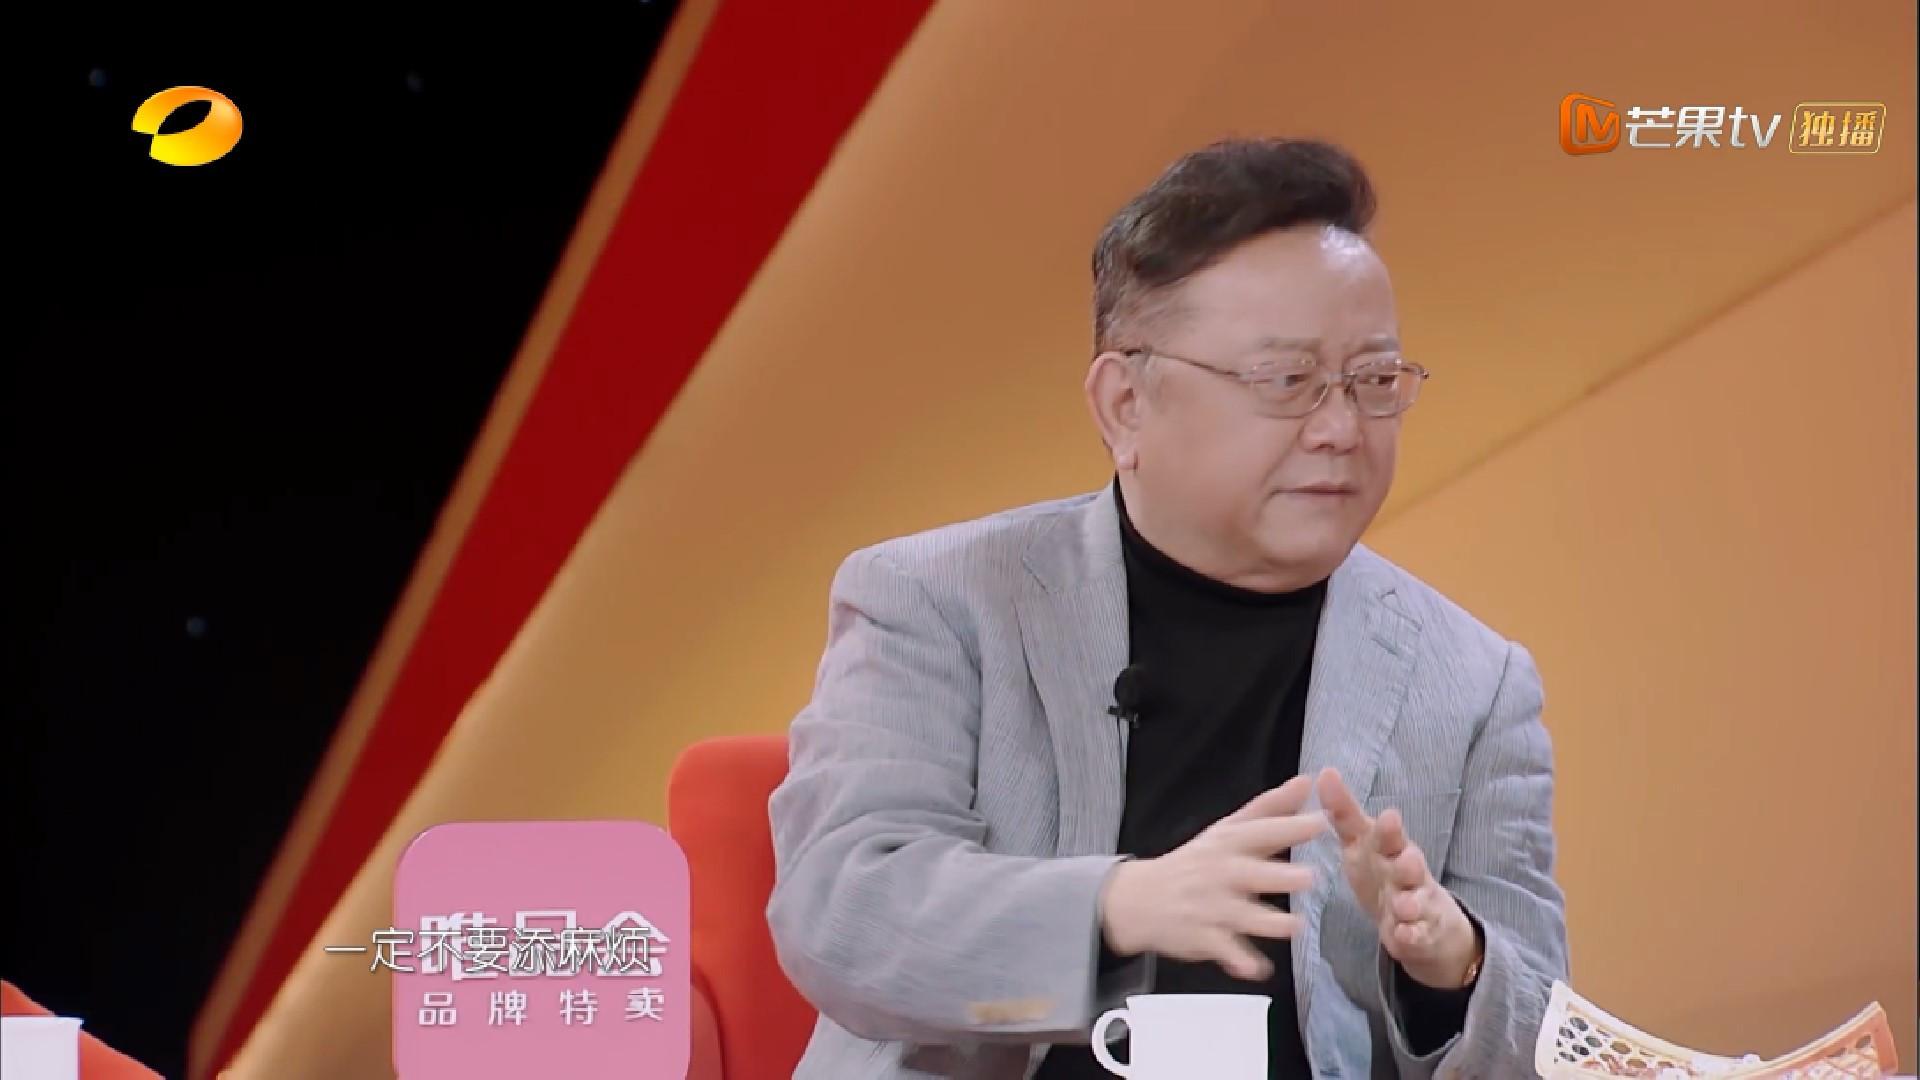 王刚60岁得子,儿子外孙一样大,激动打电话给妈妈:您有孙子了